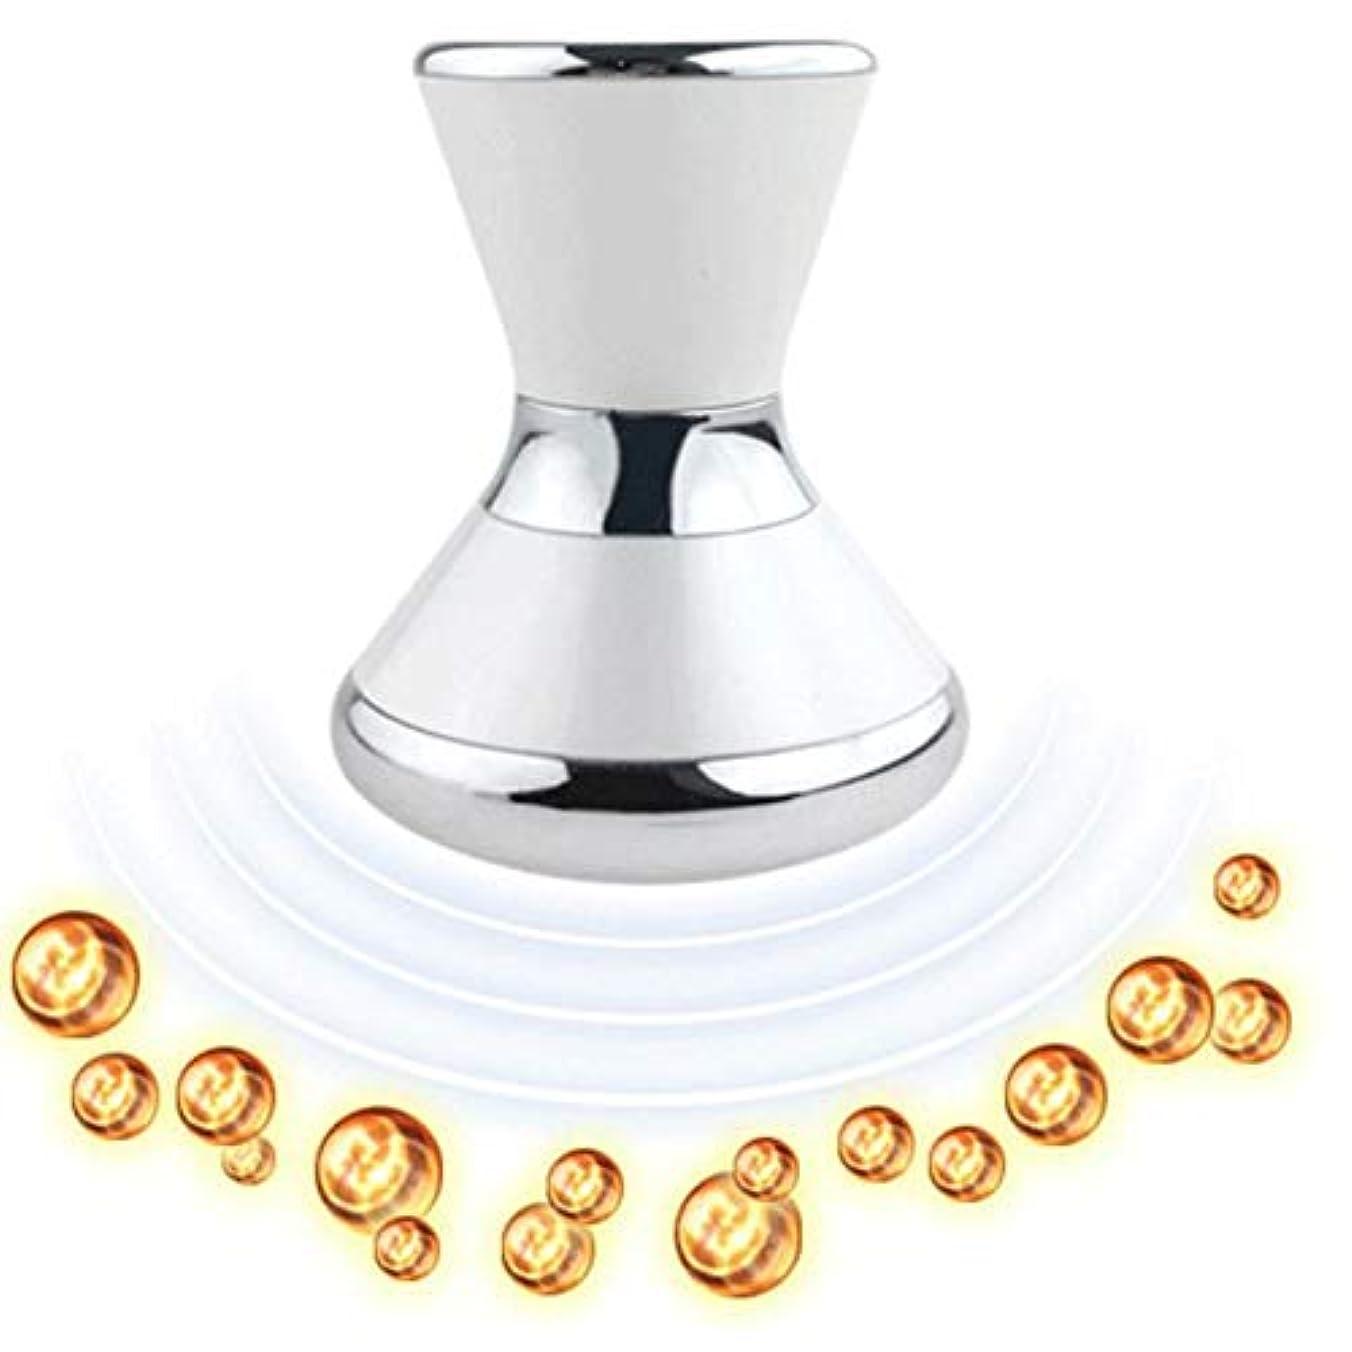 磁気振動美容マッサージ器具、吸収磁気療法フェイシャルマッサージャー美容スキンケアデバイス,銀